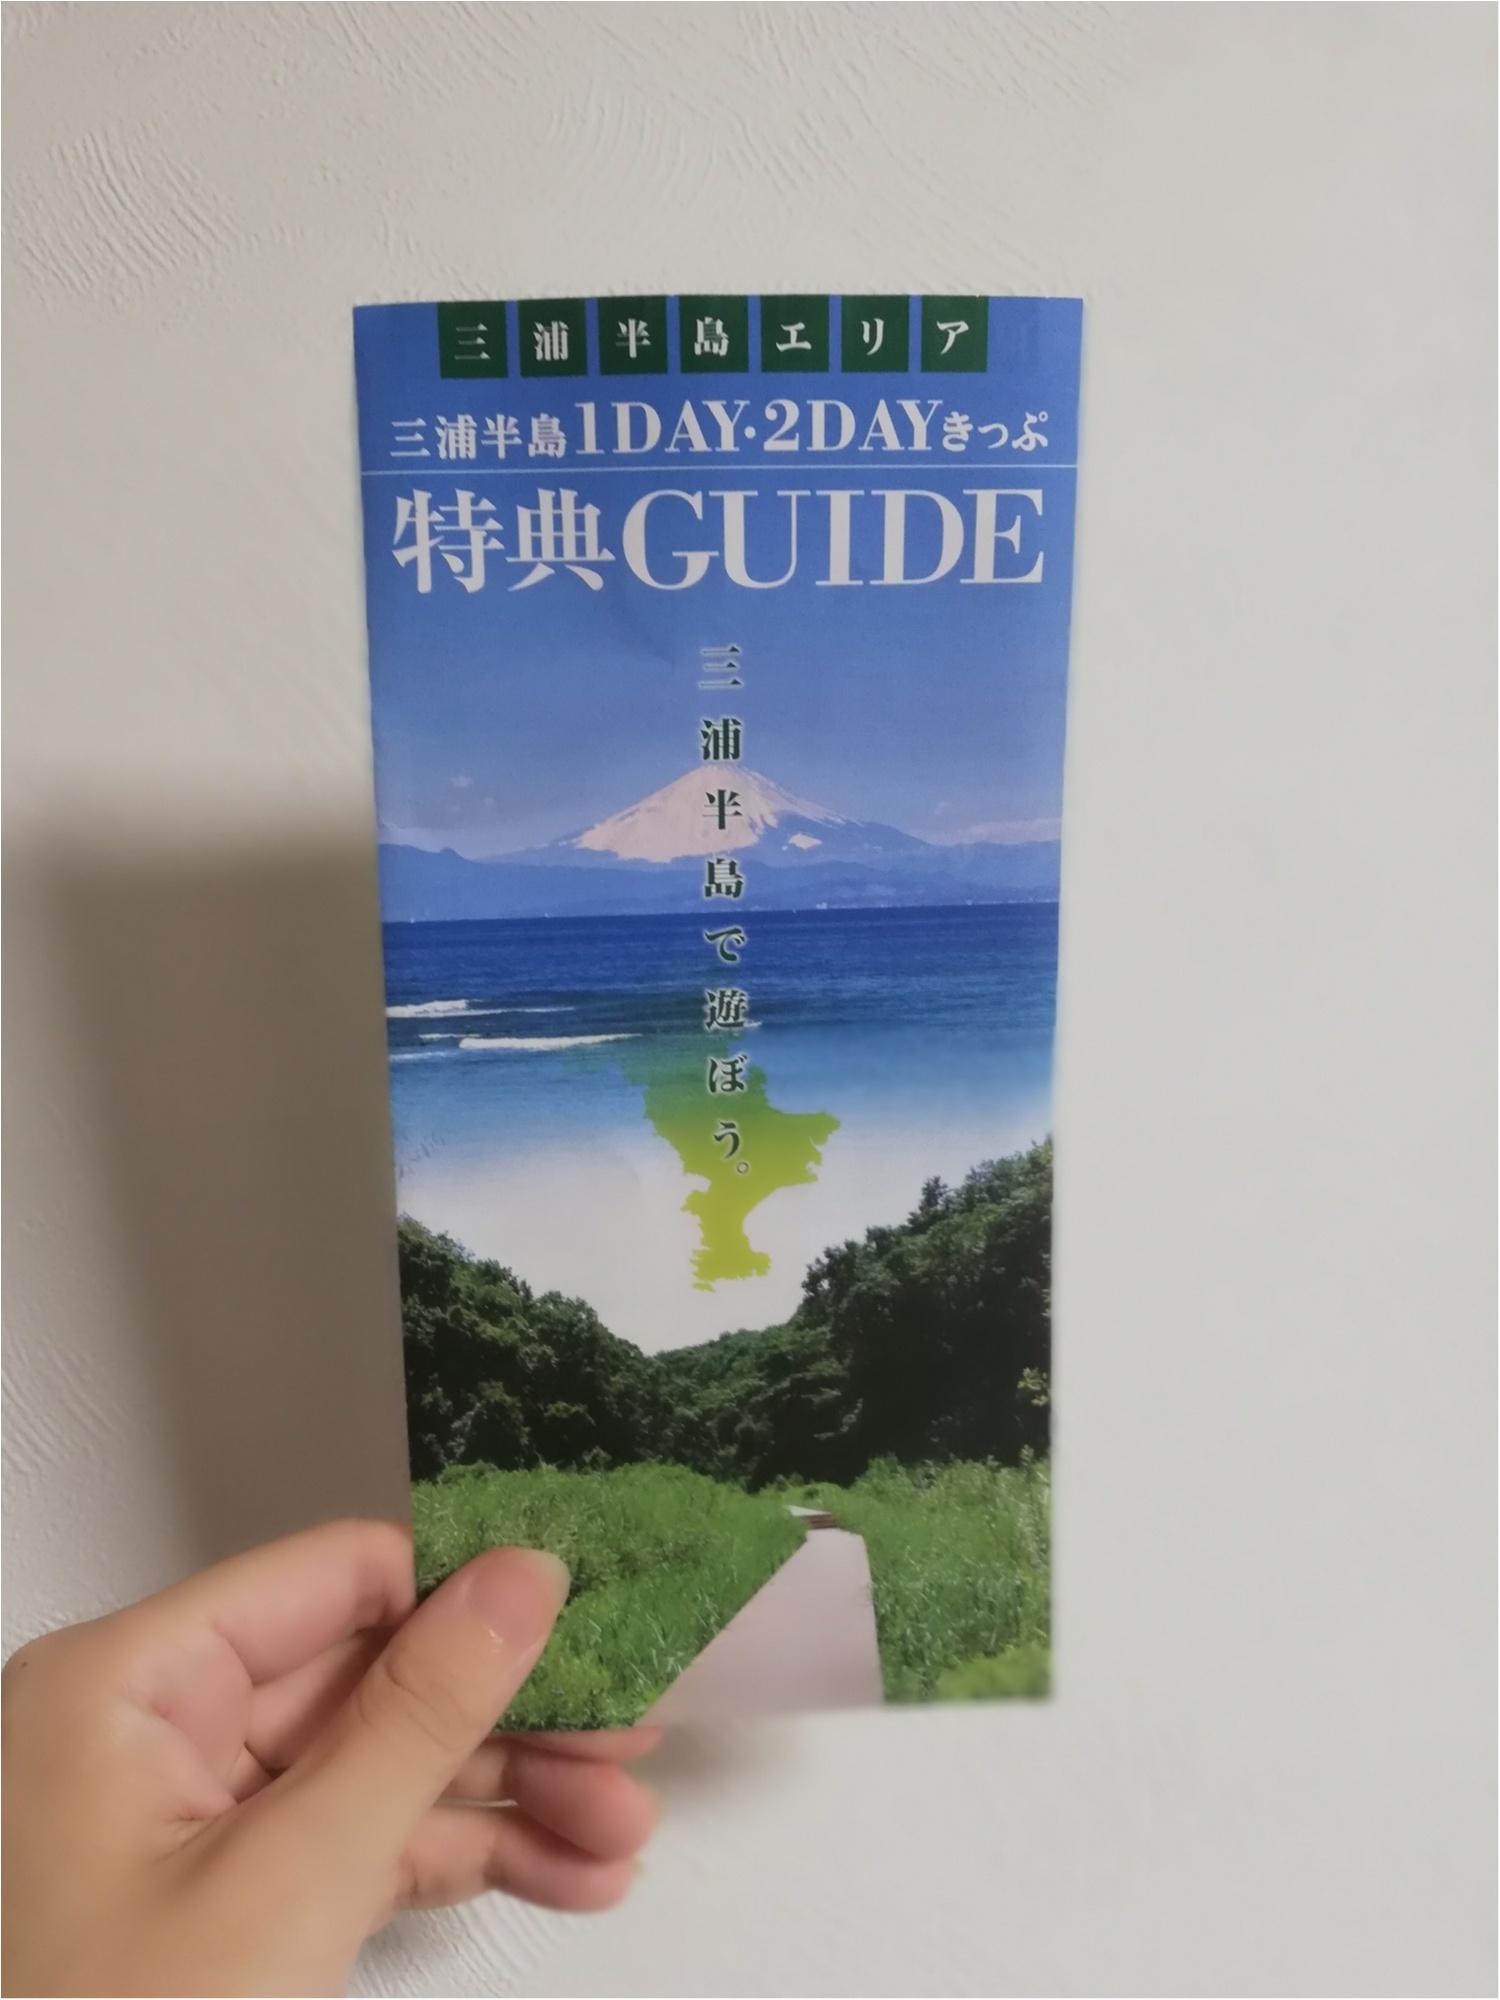 三浦半島1DAY・2DAYきっぷ特典GUIDE